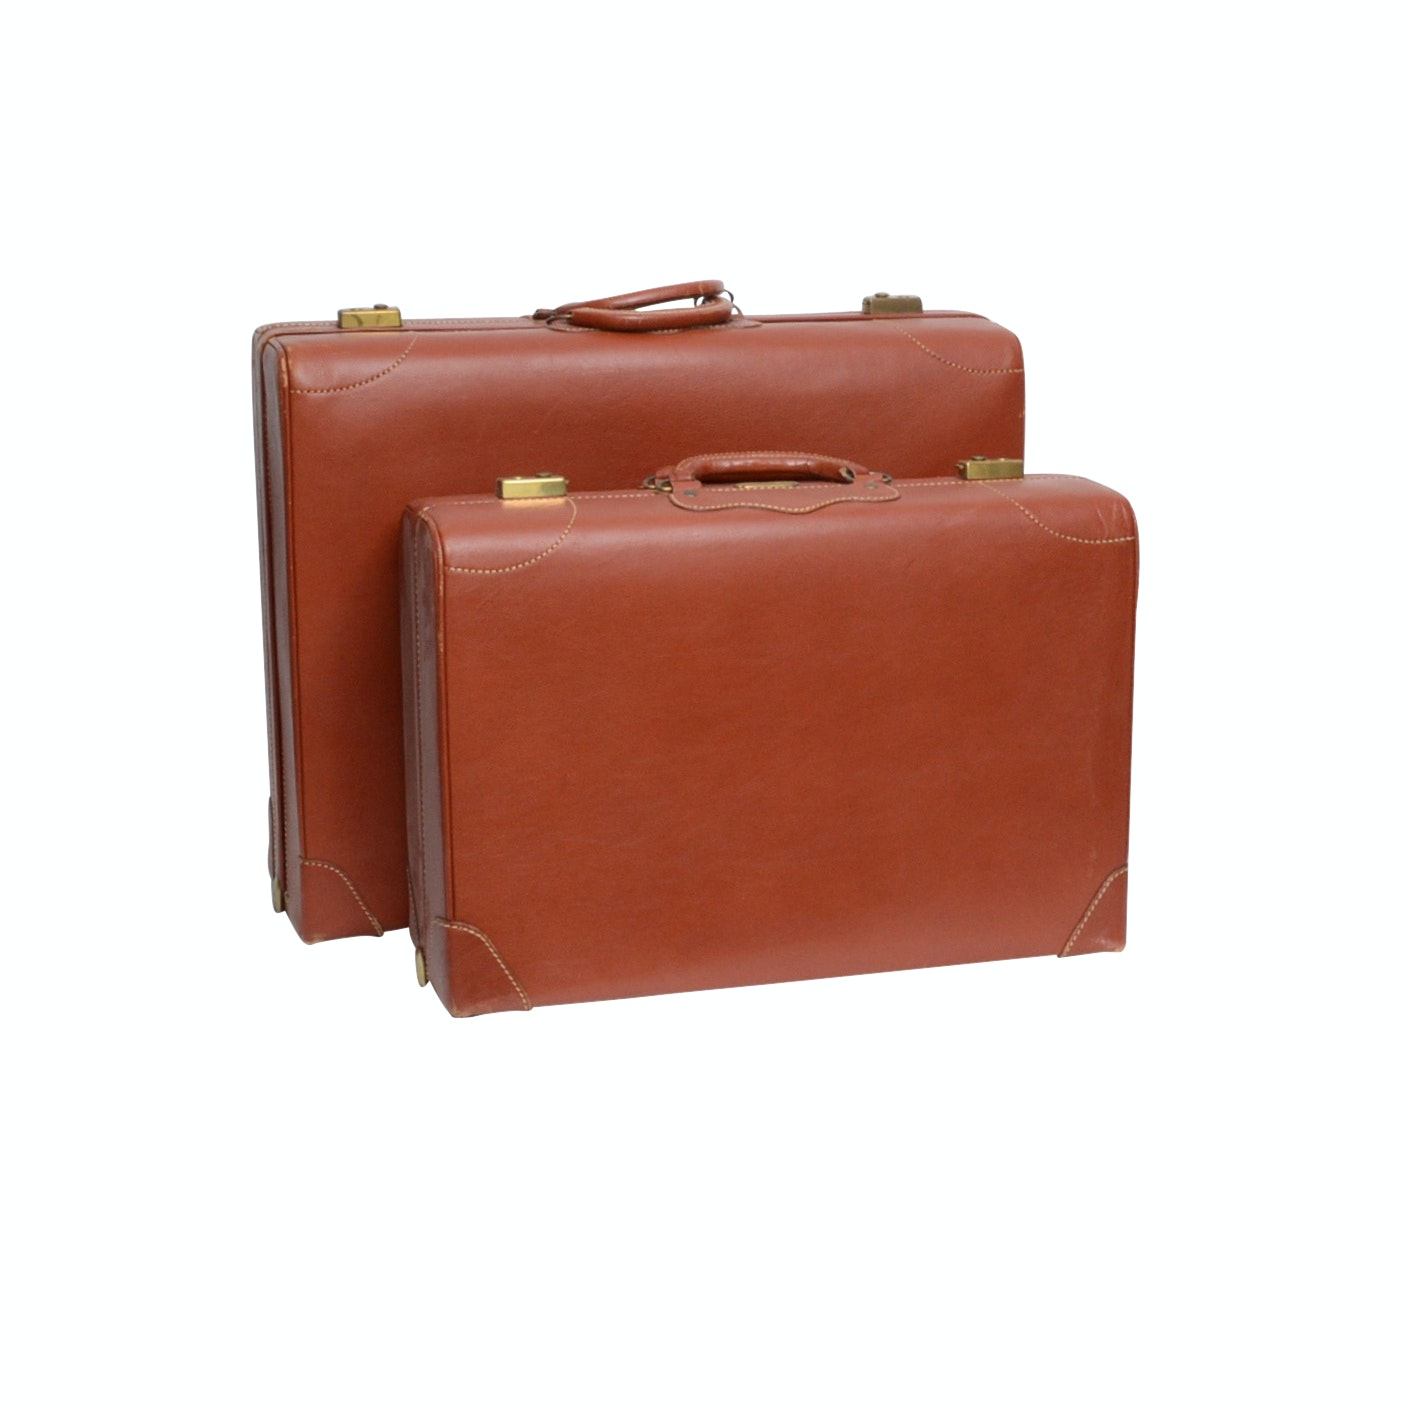 Gladiator by Dresner Leather Monogrammed Luggage, Vintage